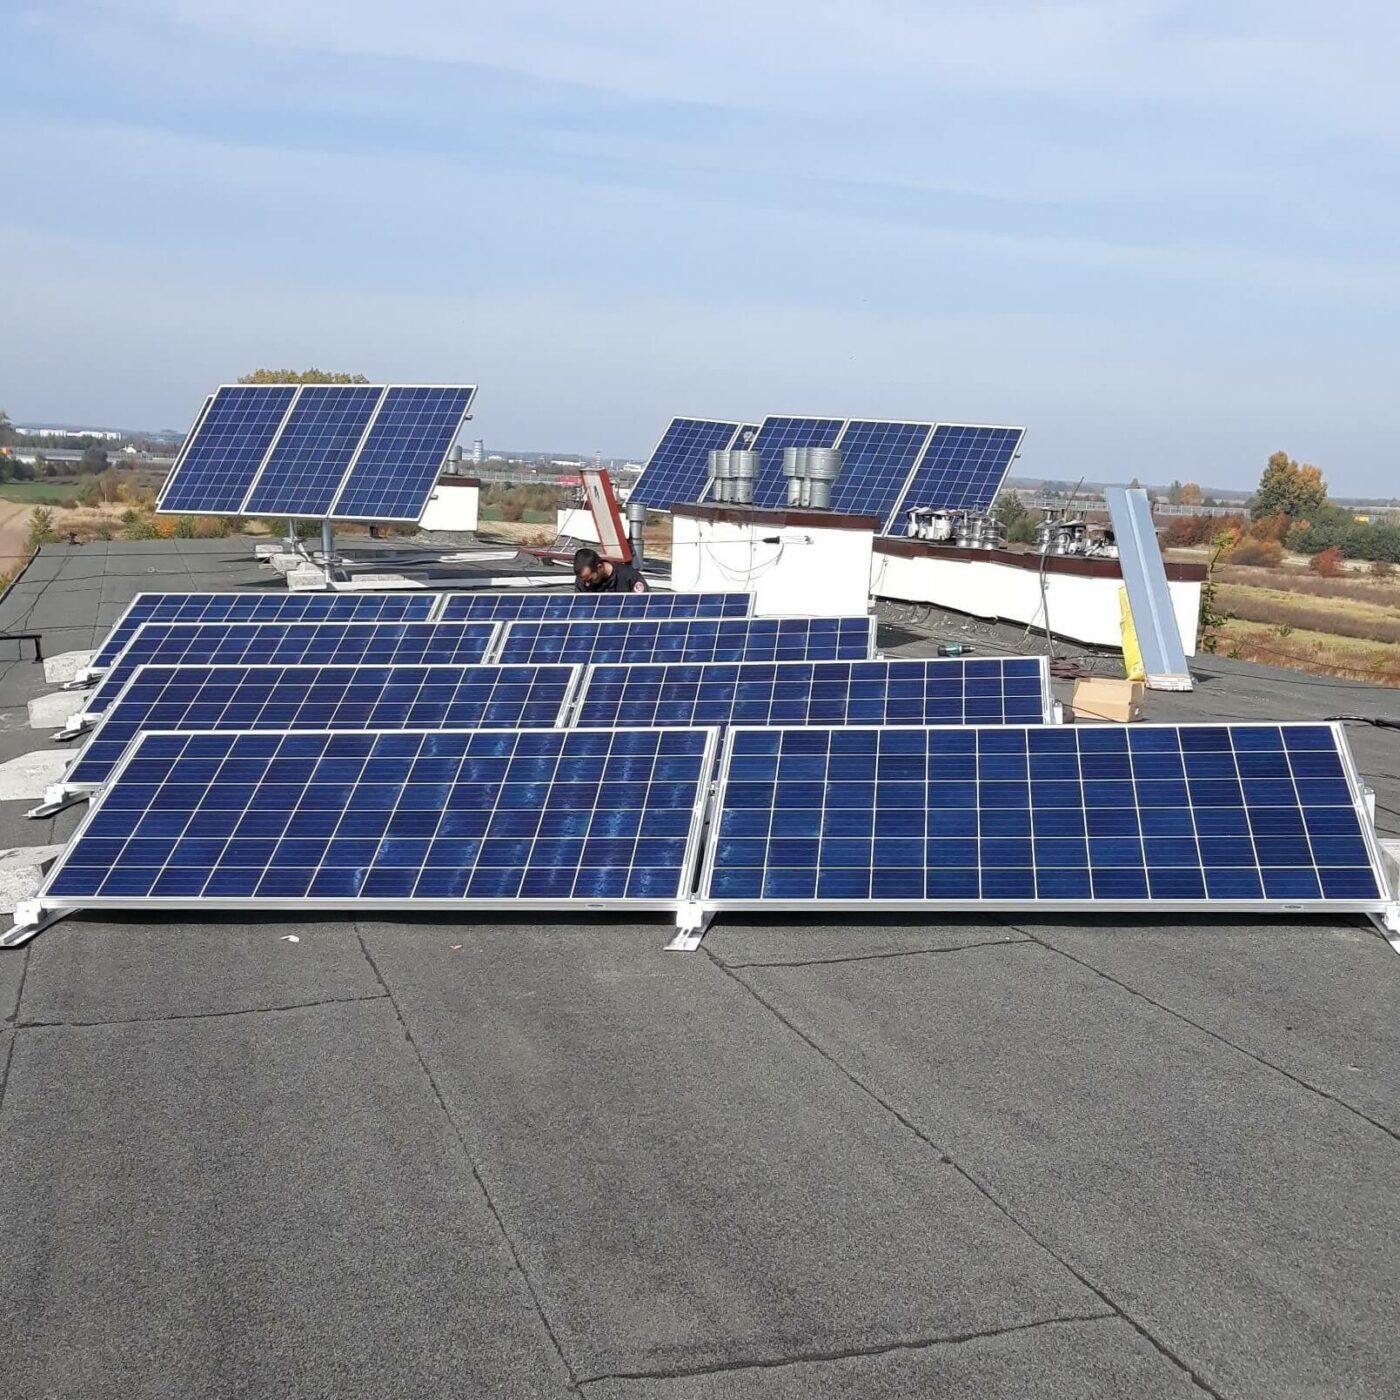 Elektrownie słoneczne w Polsce. Charakterystyka, uwarunkowania